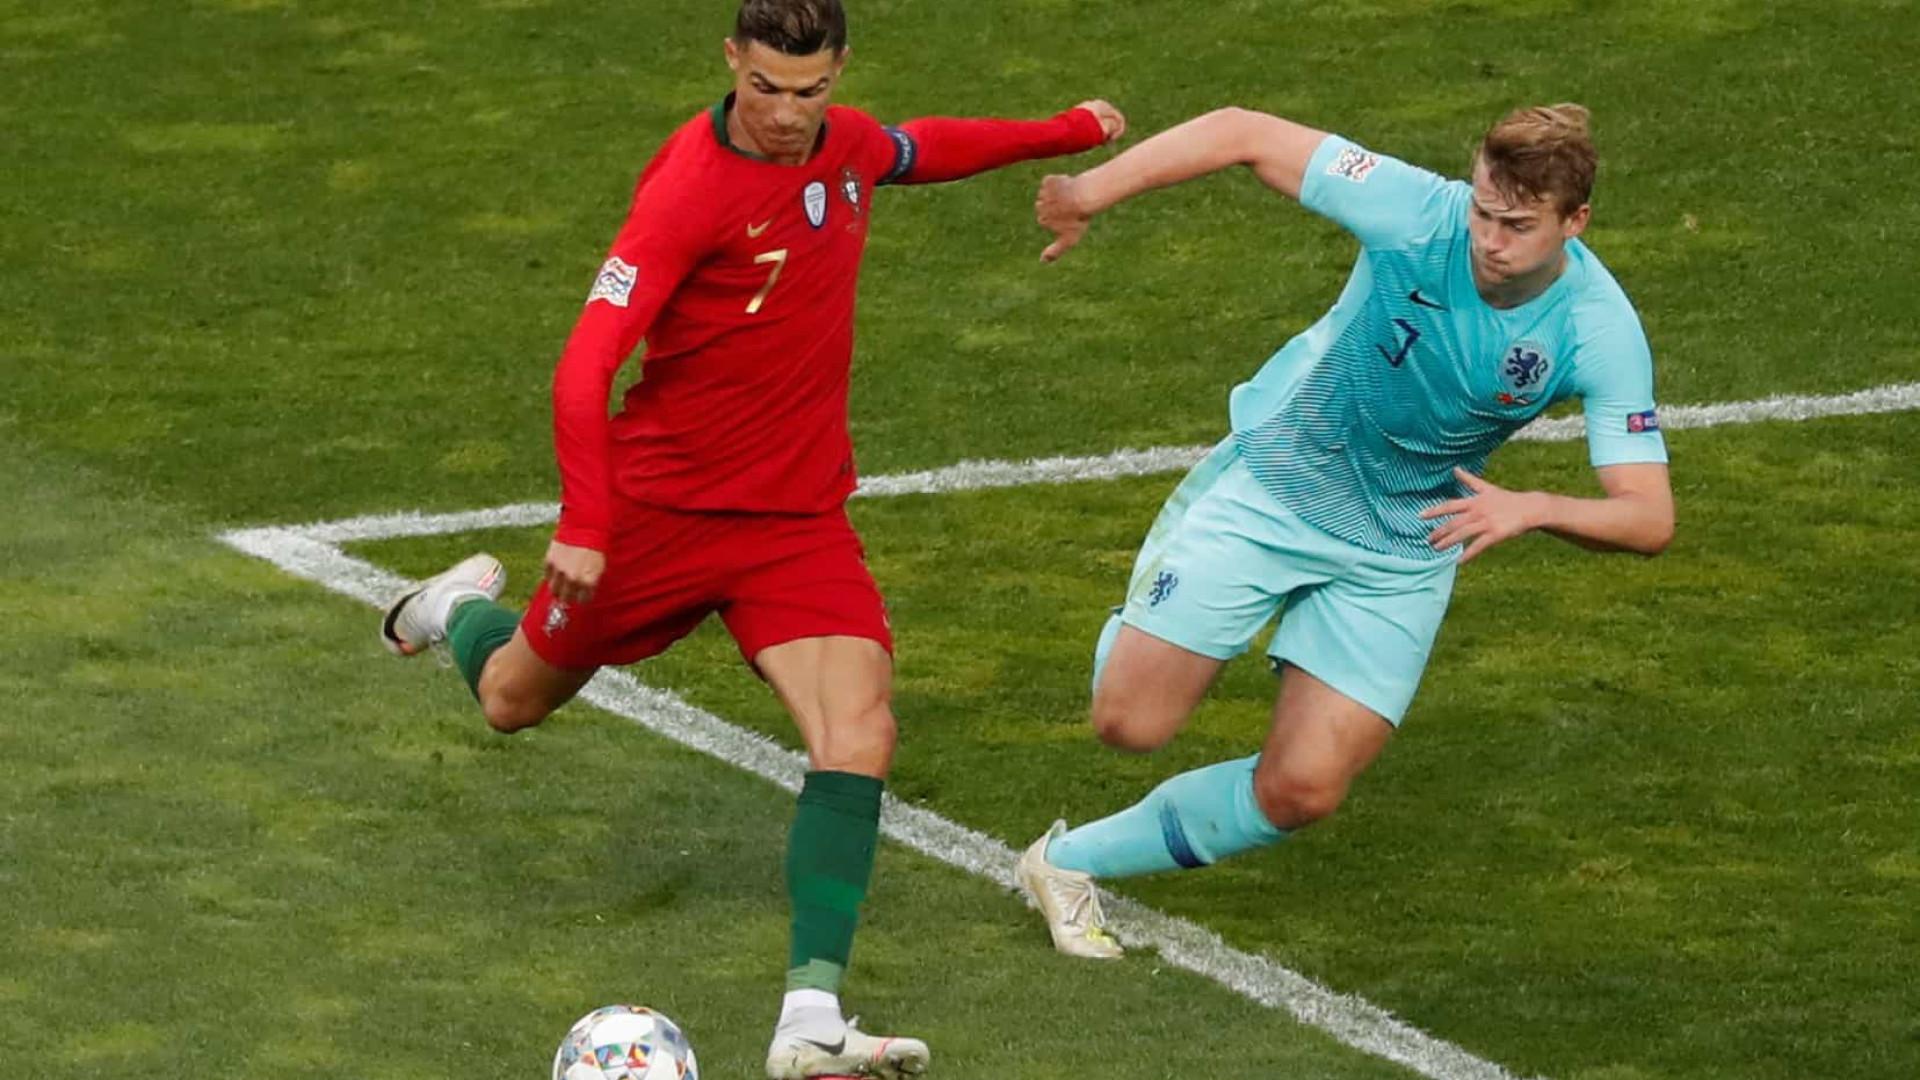 """""""Quando jogávamos futebol no jardim eu sempre quis ser Ronaldo"""""""